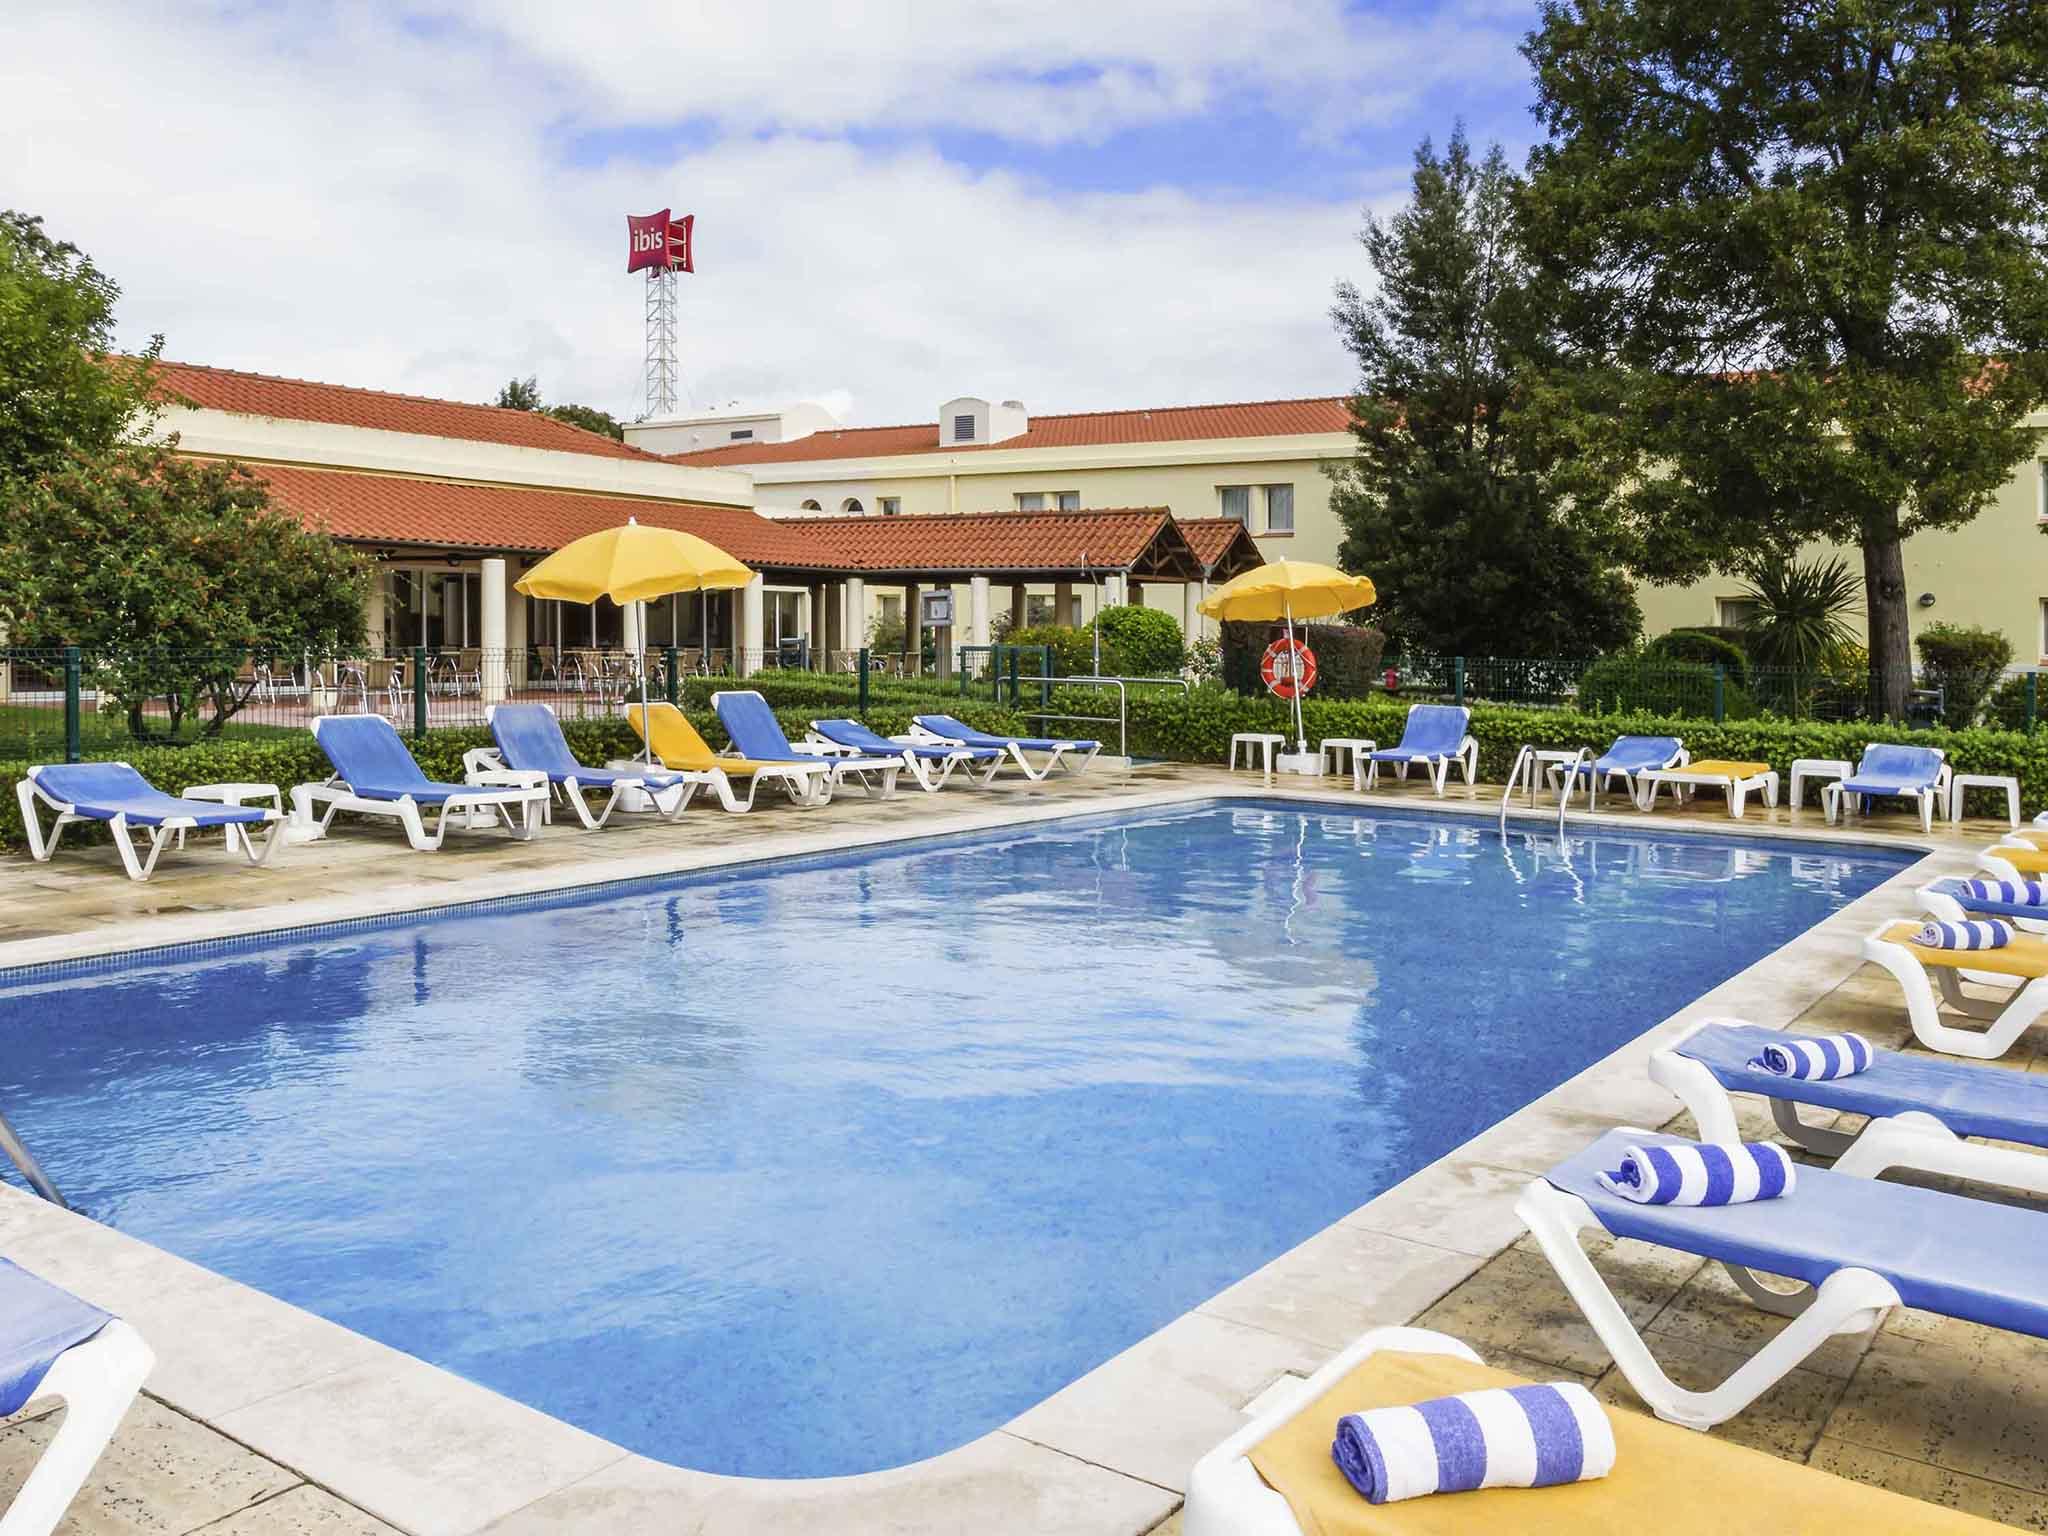 hotel ibis set250bal hotel confort225vel e econ243mico